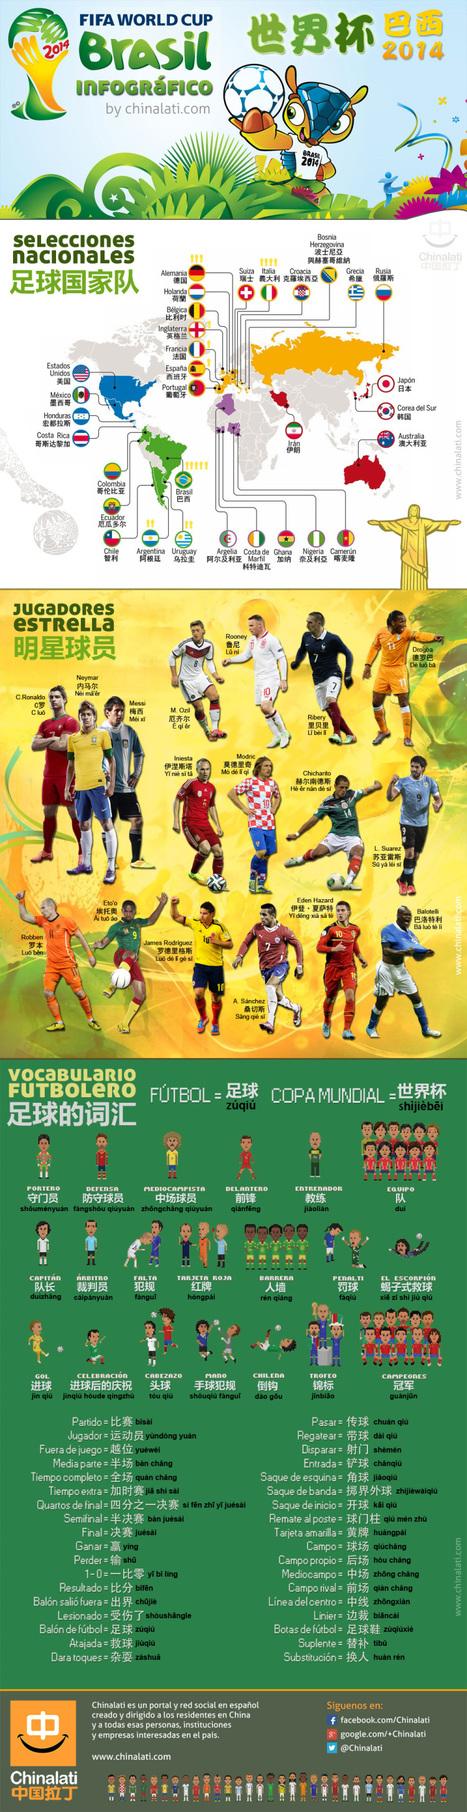 El Mundial de fútbol: Vocabulario en chino | China Technology | Scoop.it